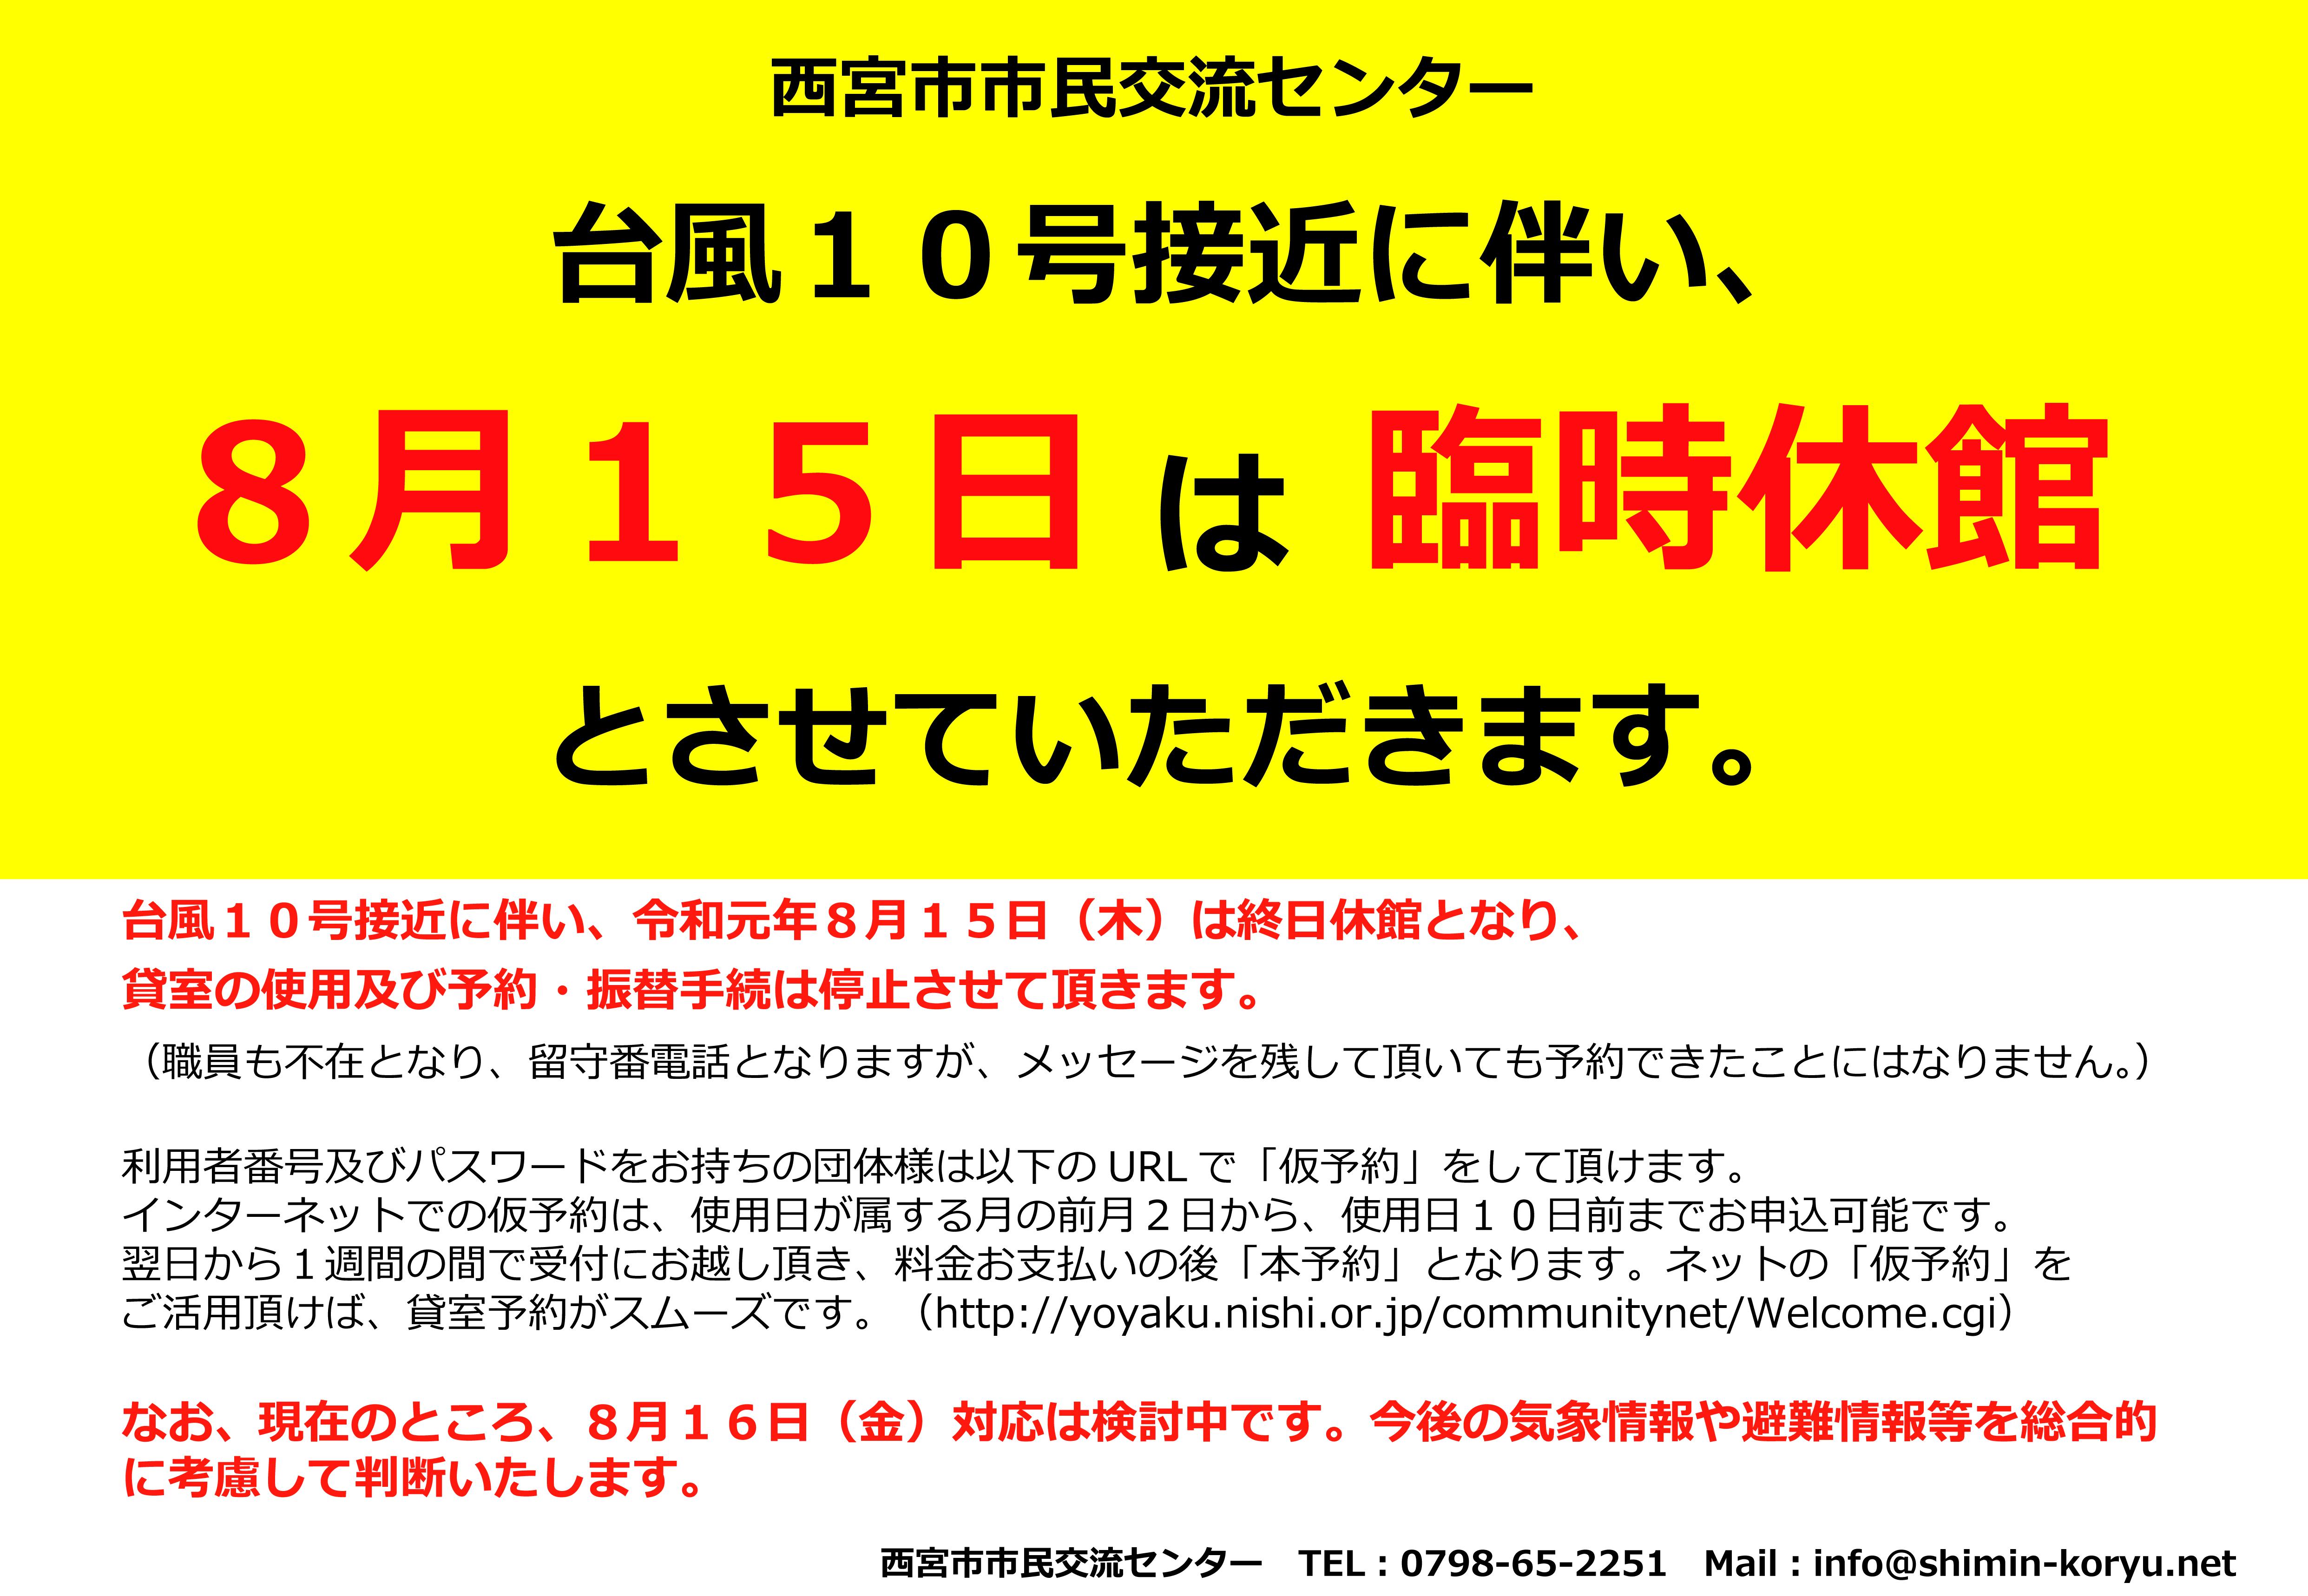 台風10号に伴う閉館張り紙